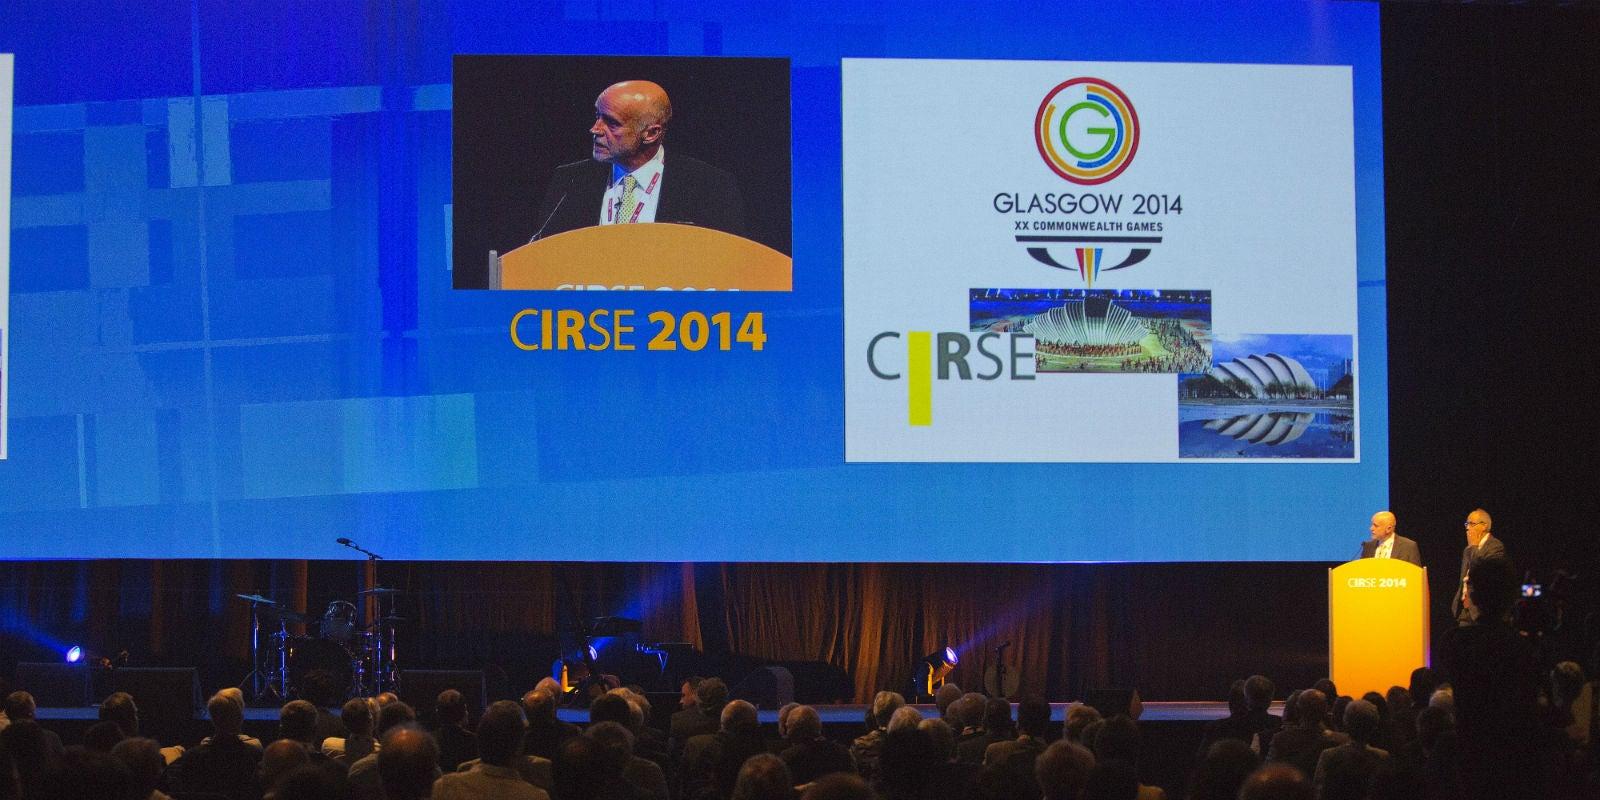 conferences_associationEU_slideshow3.jpg